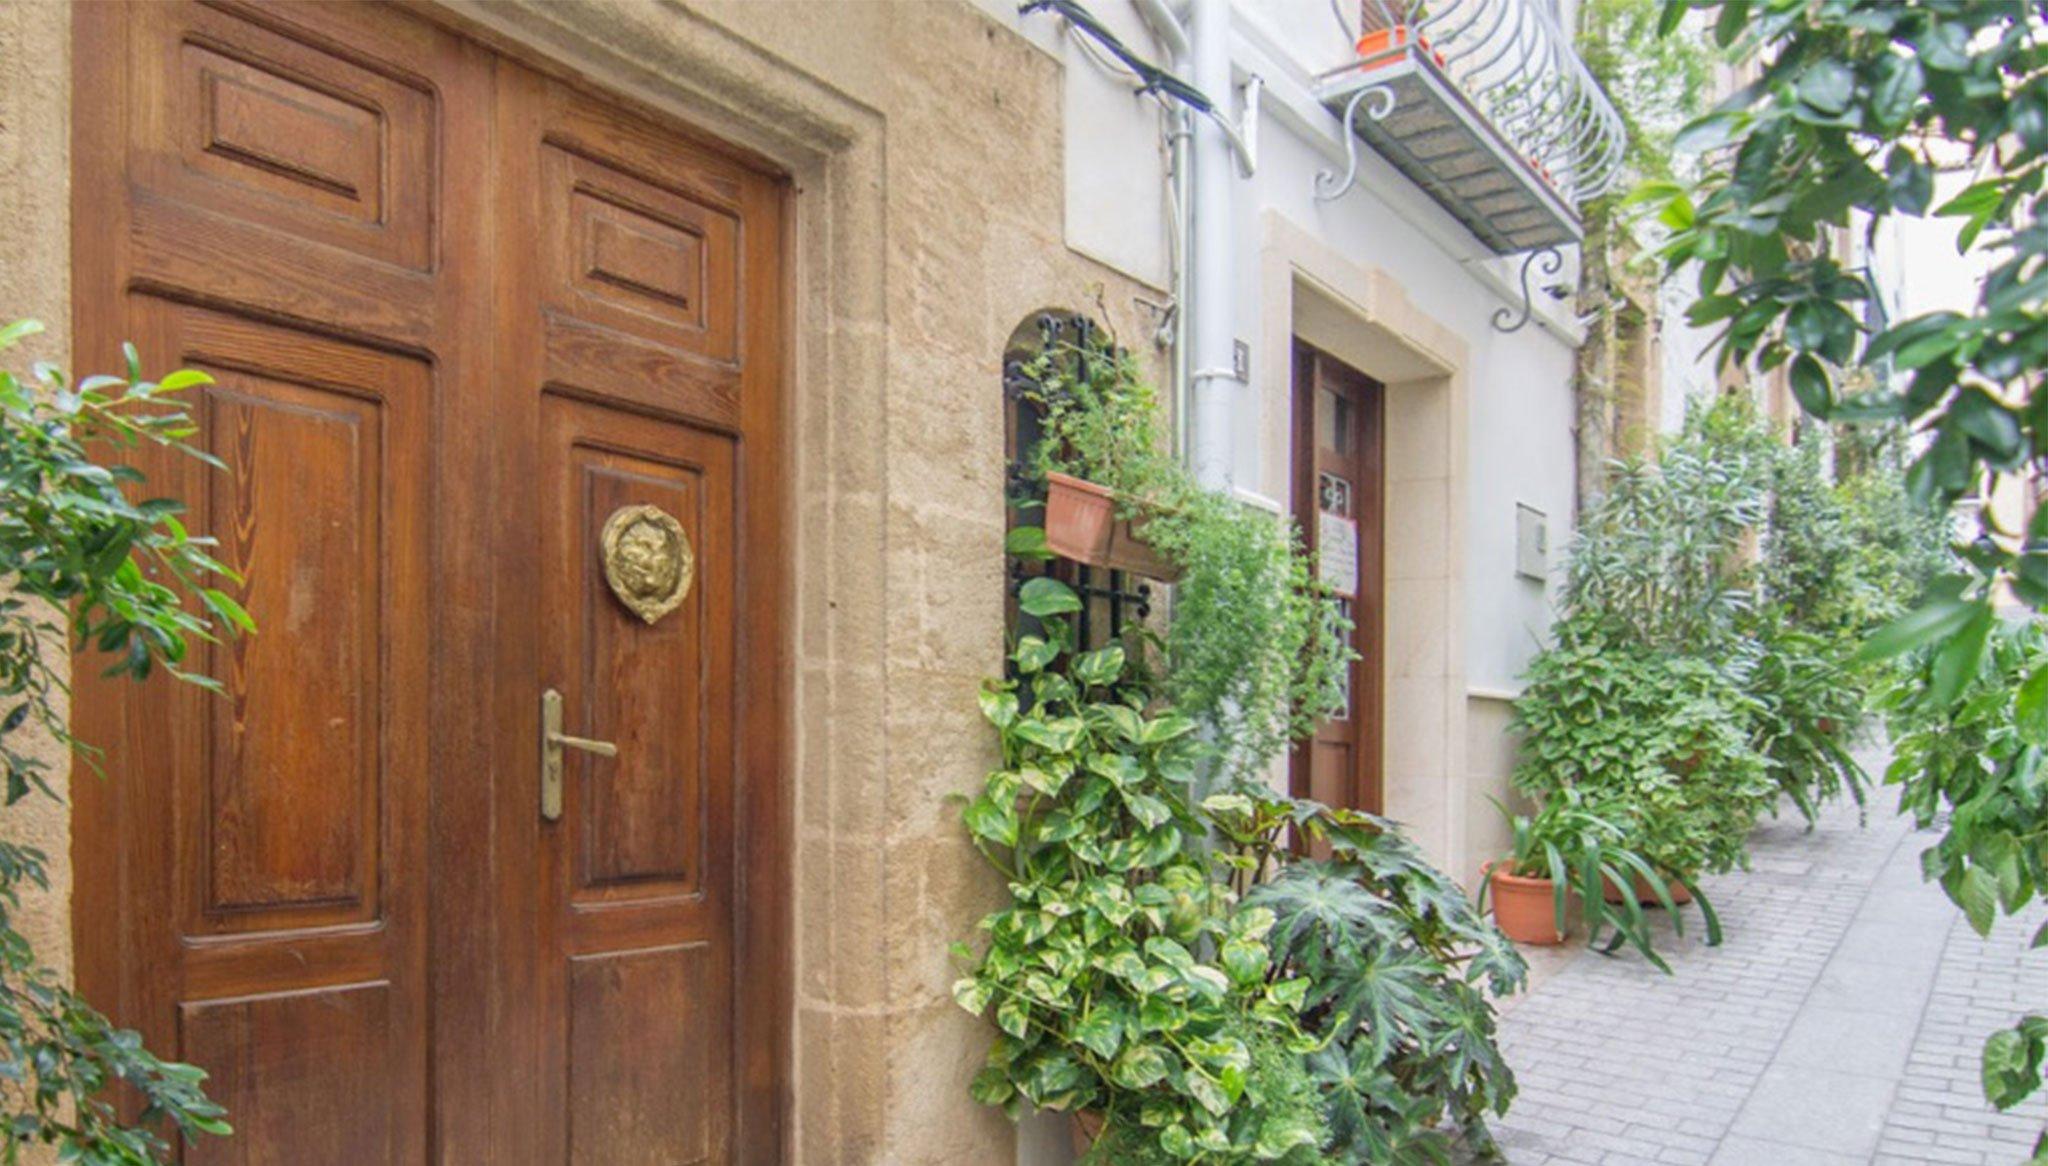 Porta d'entrada a una casa de poble en venda al centre de Xàbia - MORAGUESPONS Mediterranean Houses